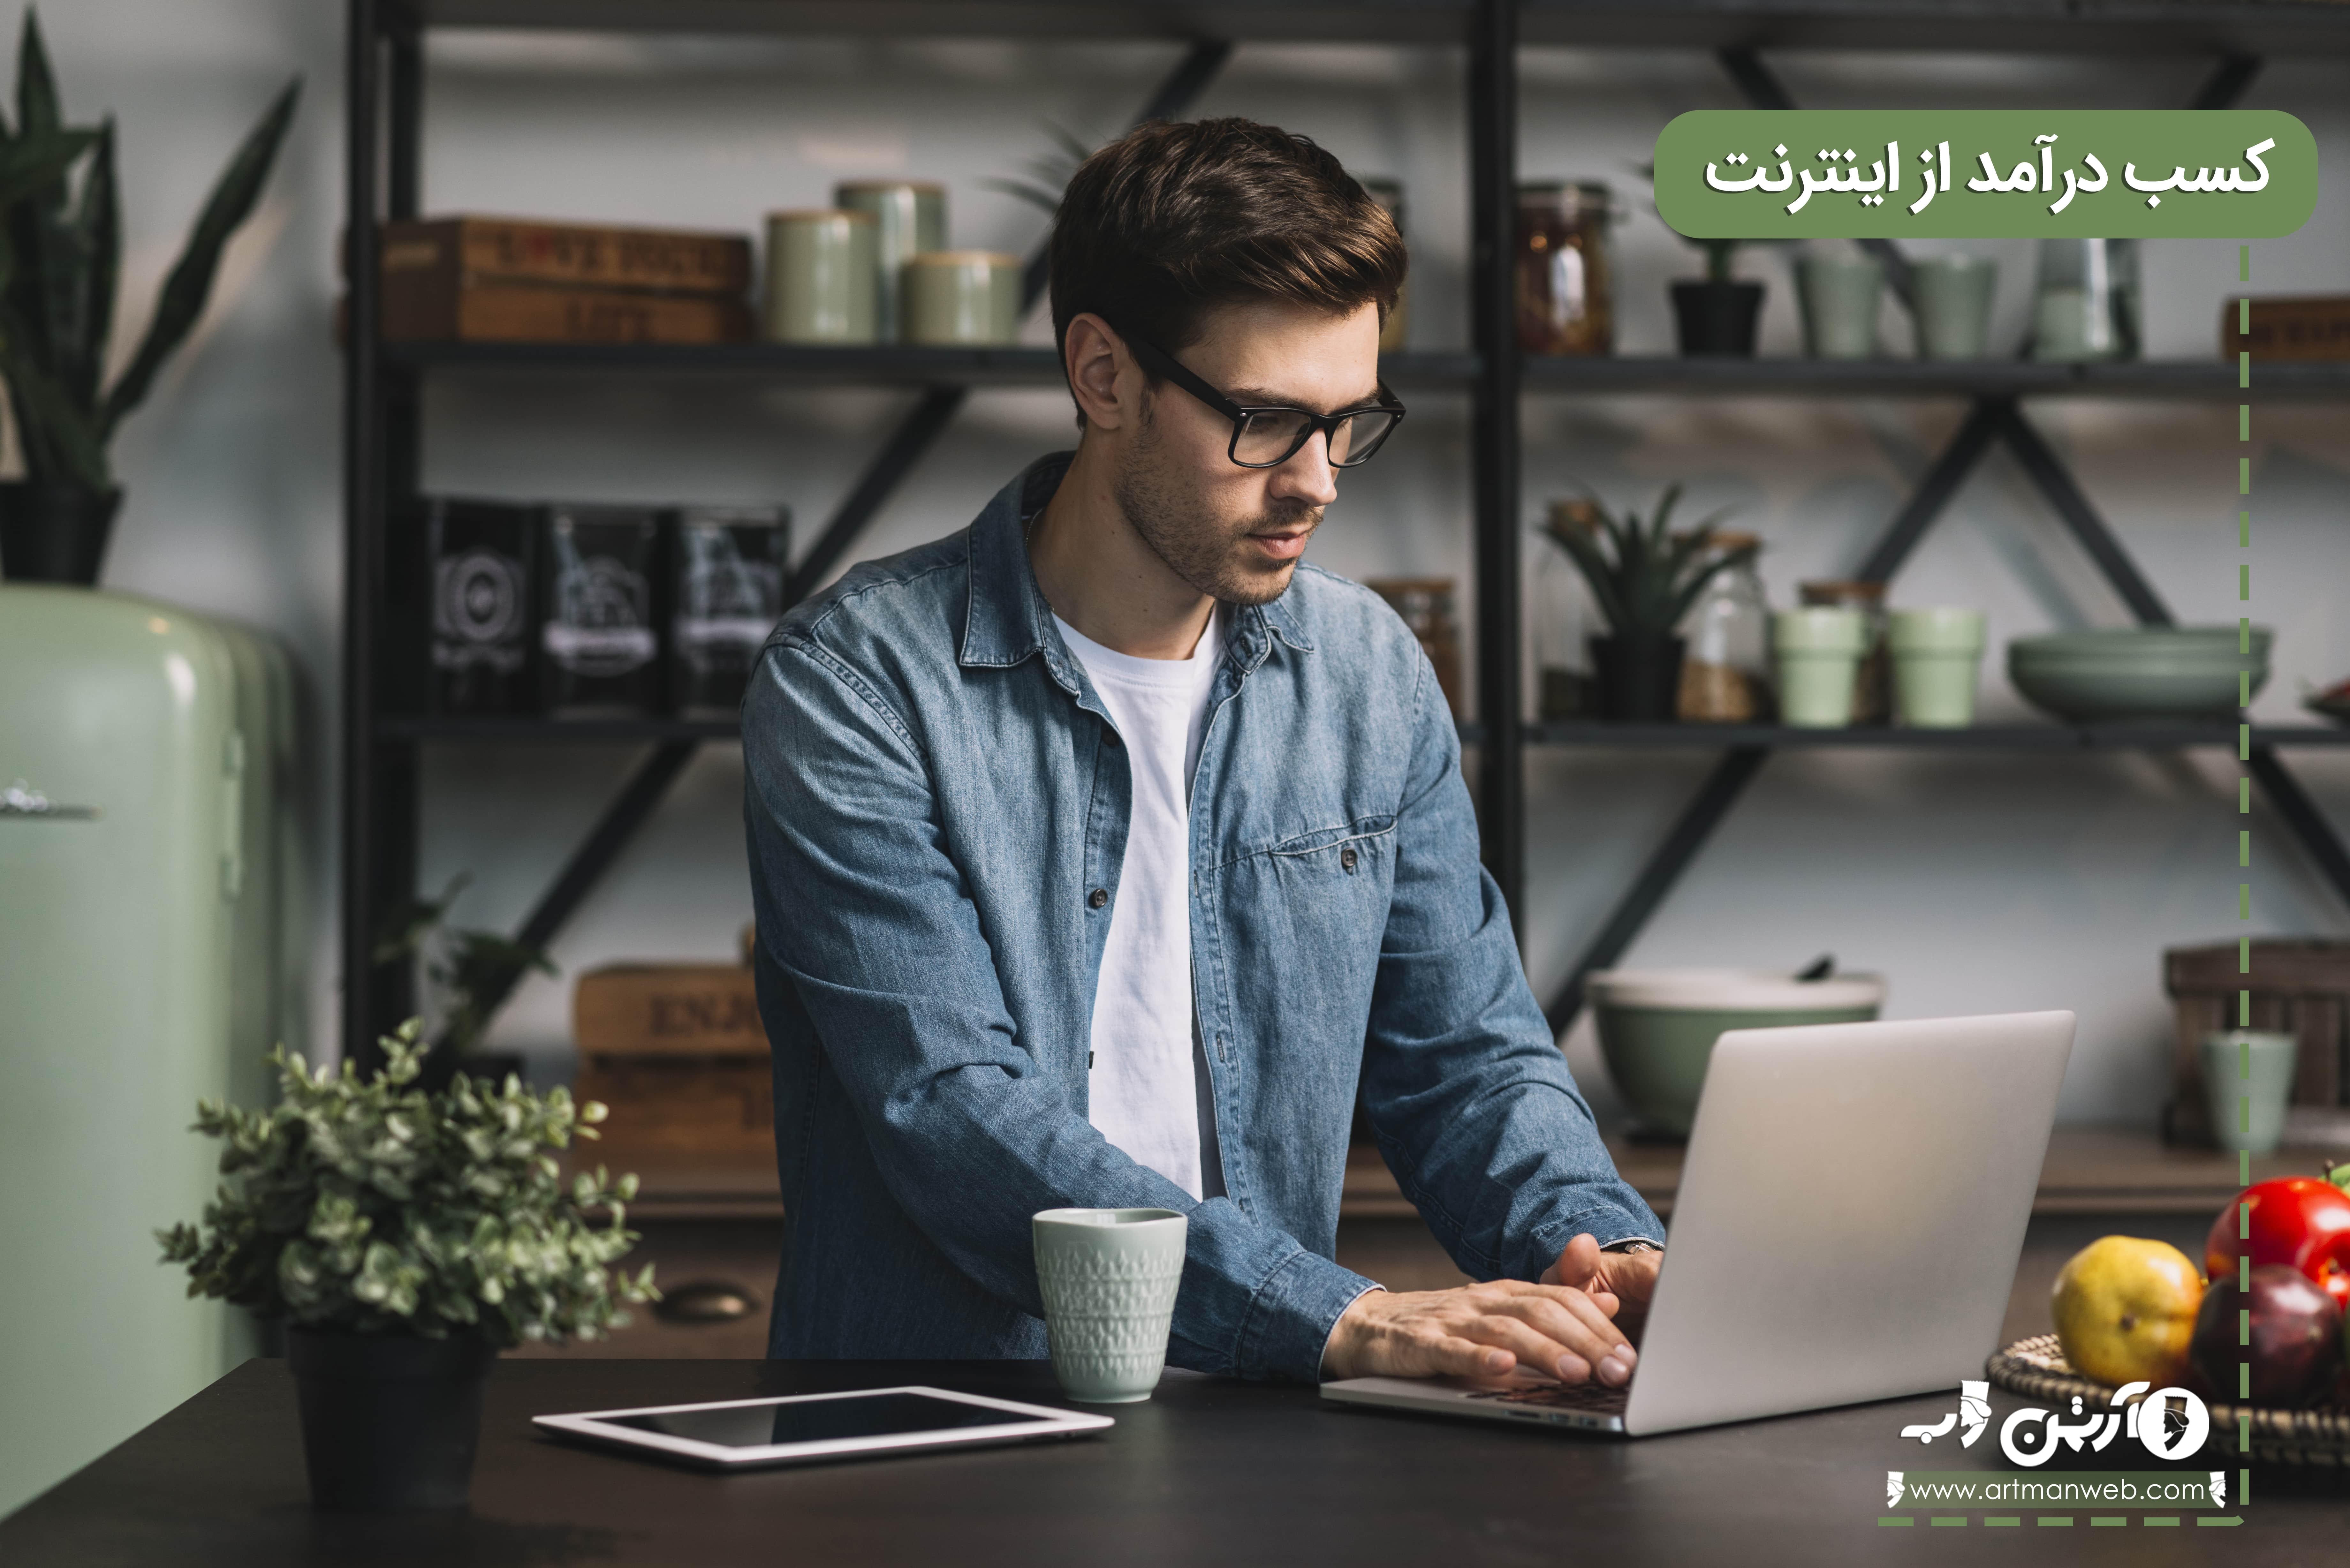 چگونه و ازکجا کسب و کار اینترنتیام رو باید شروع کنم؟قسمت اول